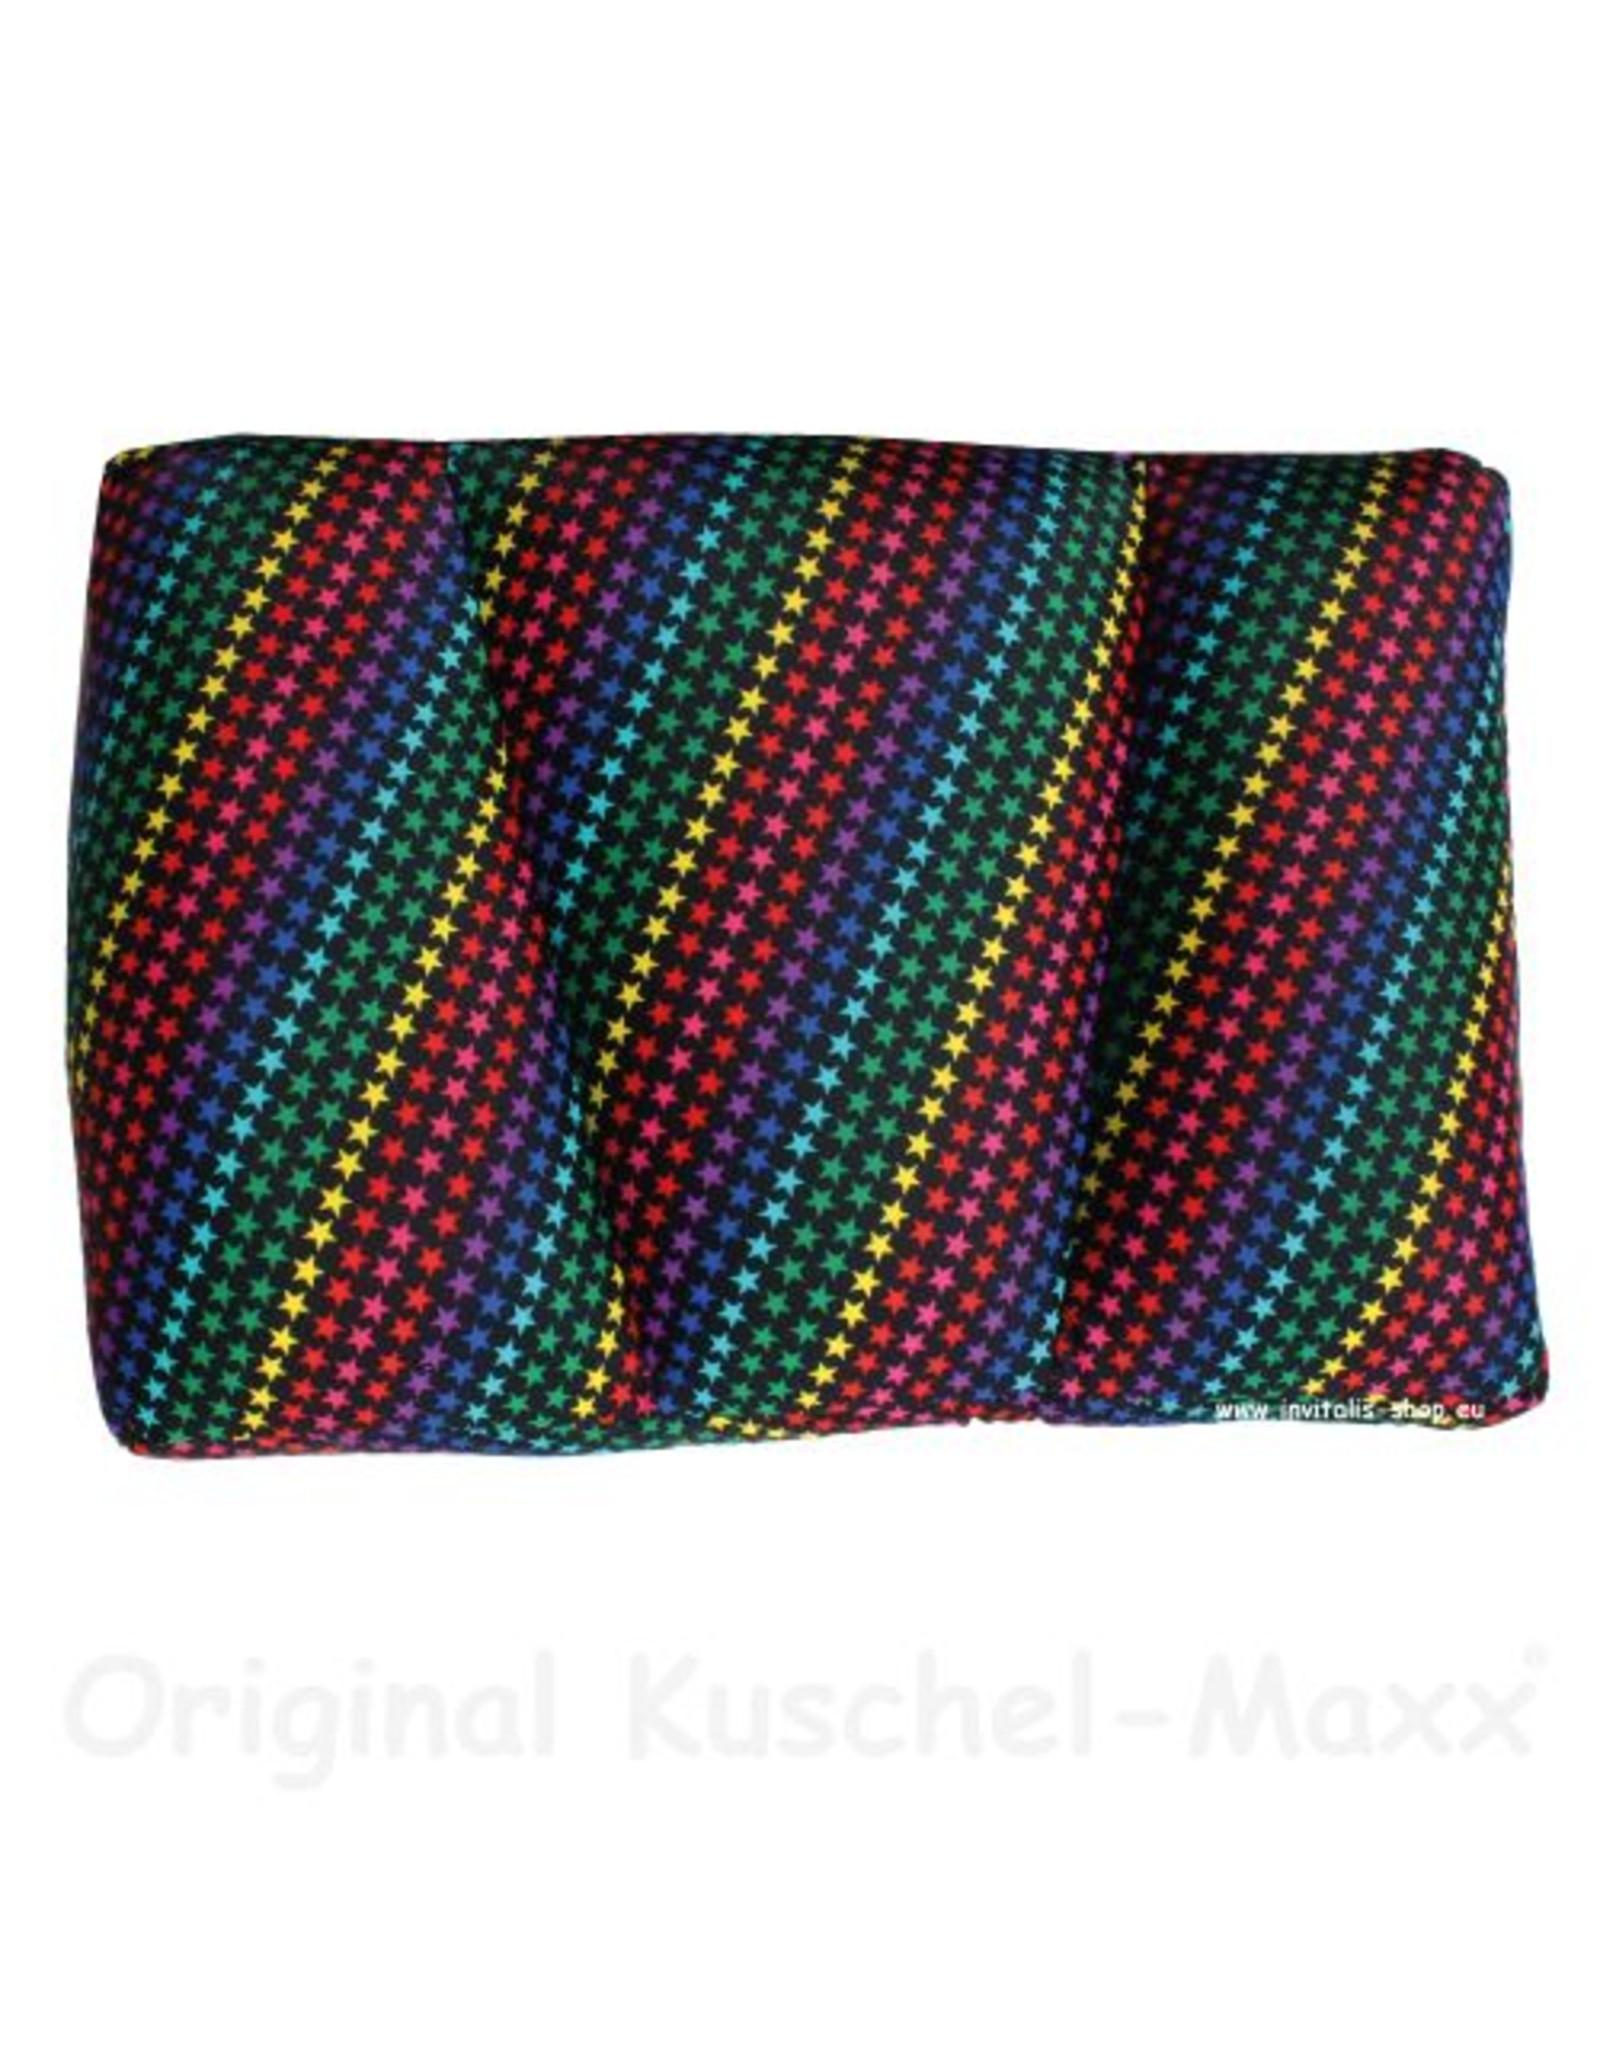 Kuschel-Maxx Kuschel-Maxx - Schlafkissen Sterne